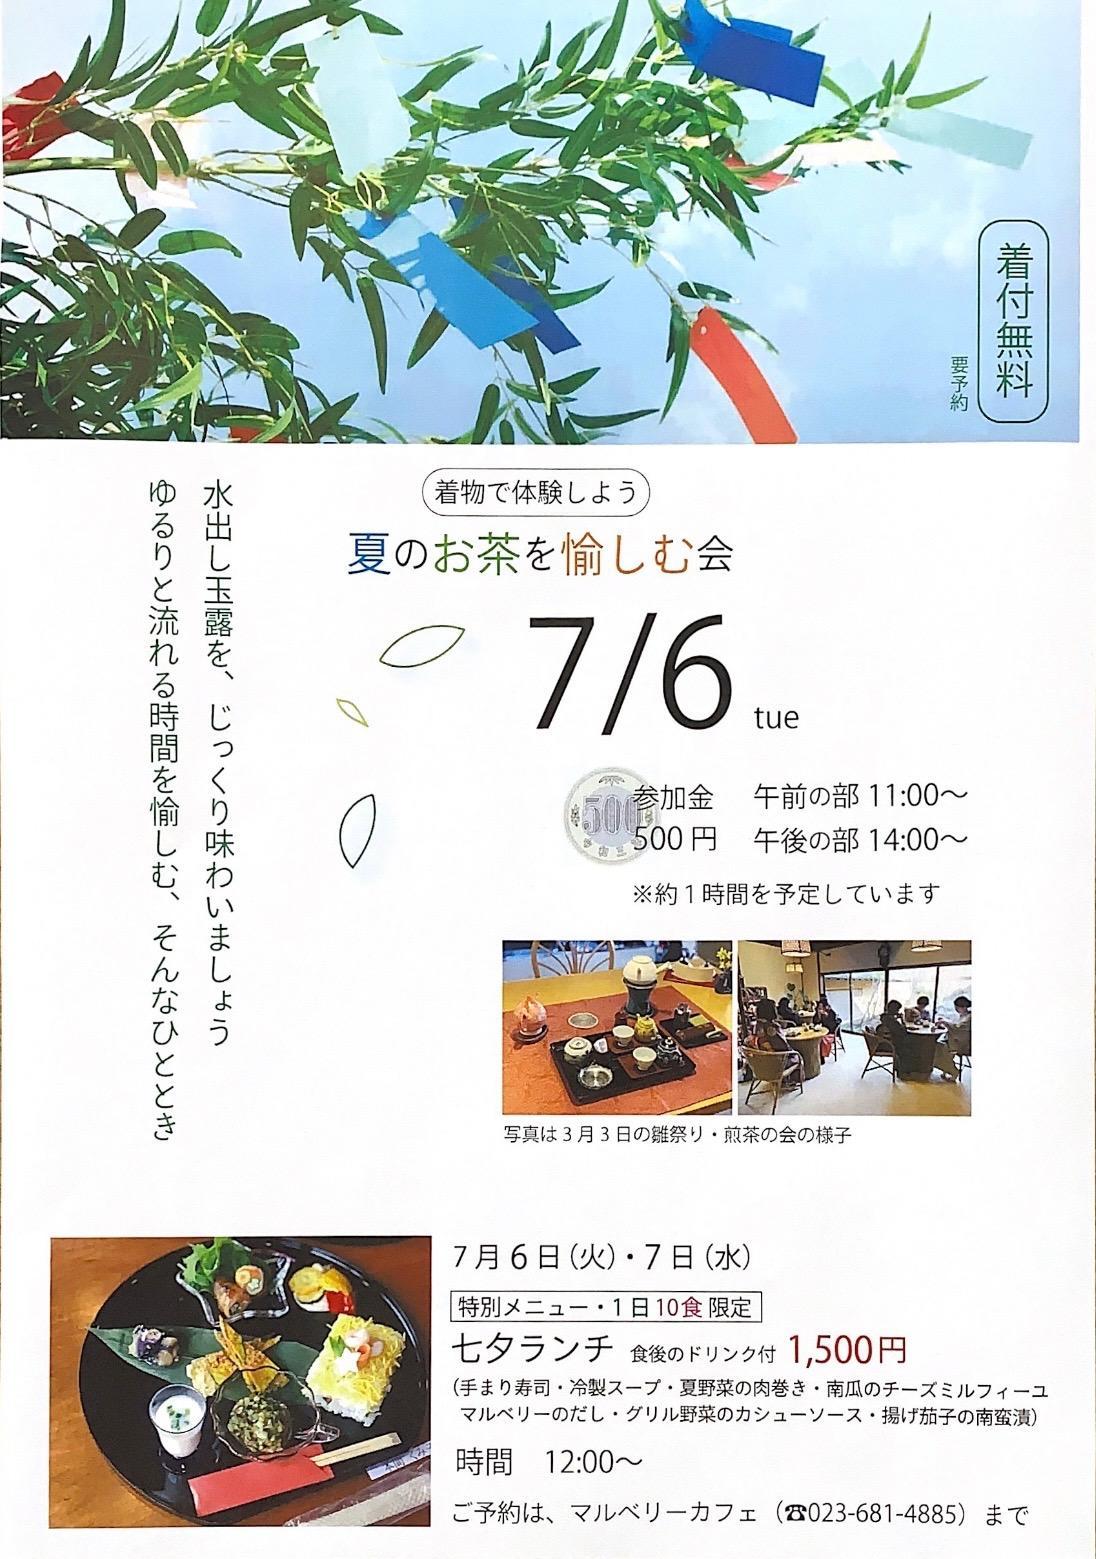 https://www.tomihiro.co.jp/blog/2021/06/11/IMG_8561.jpg